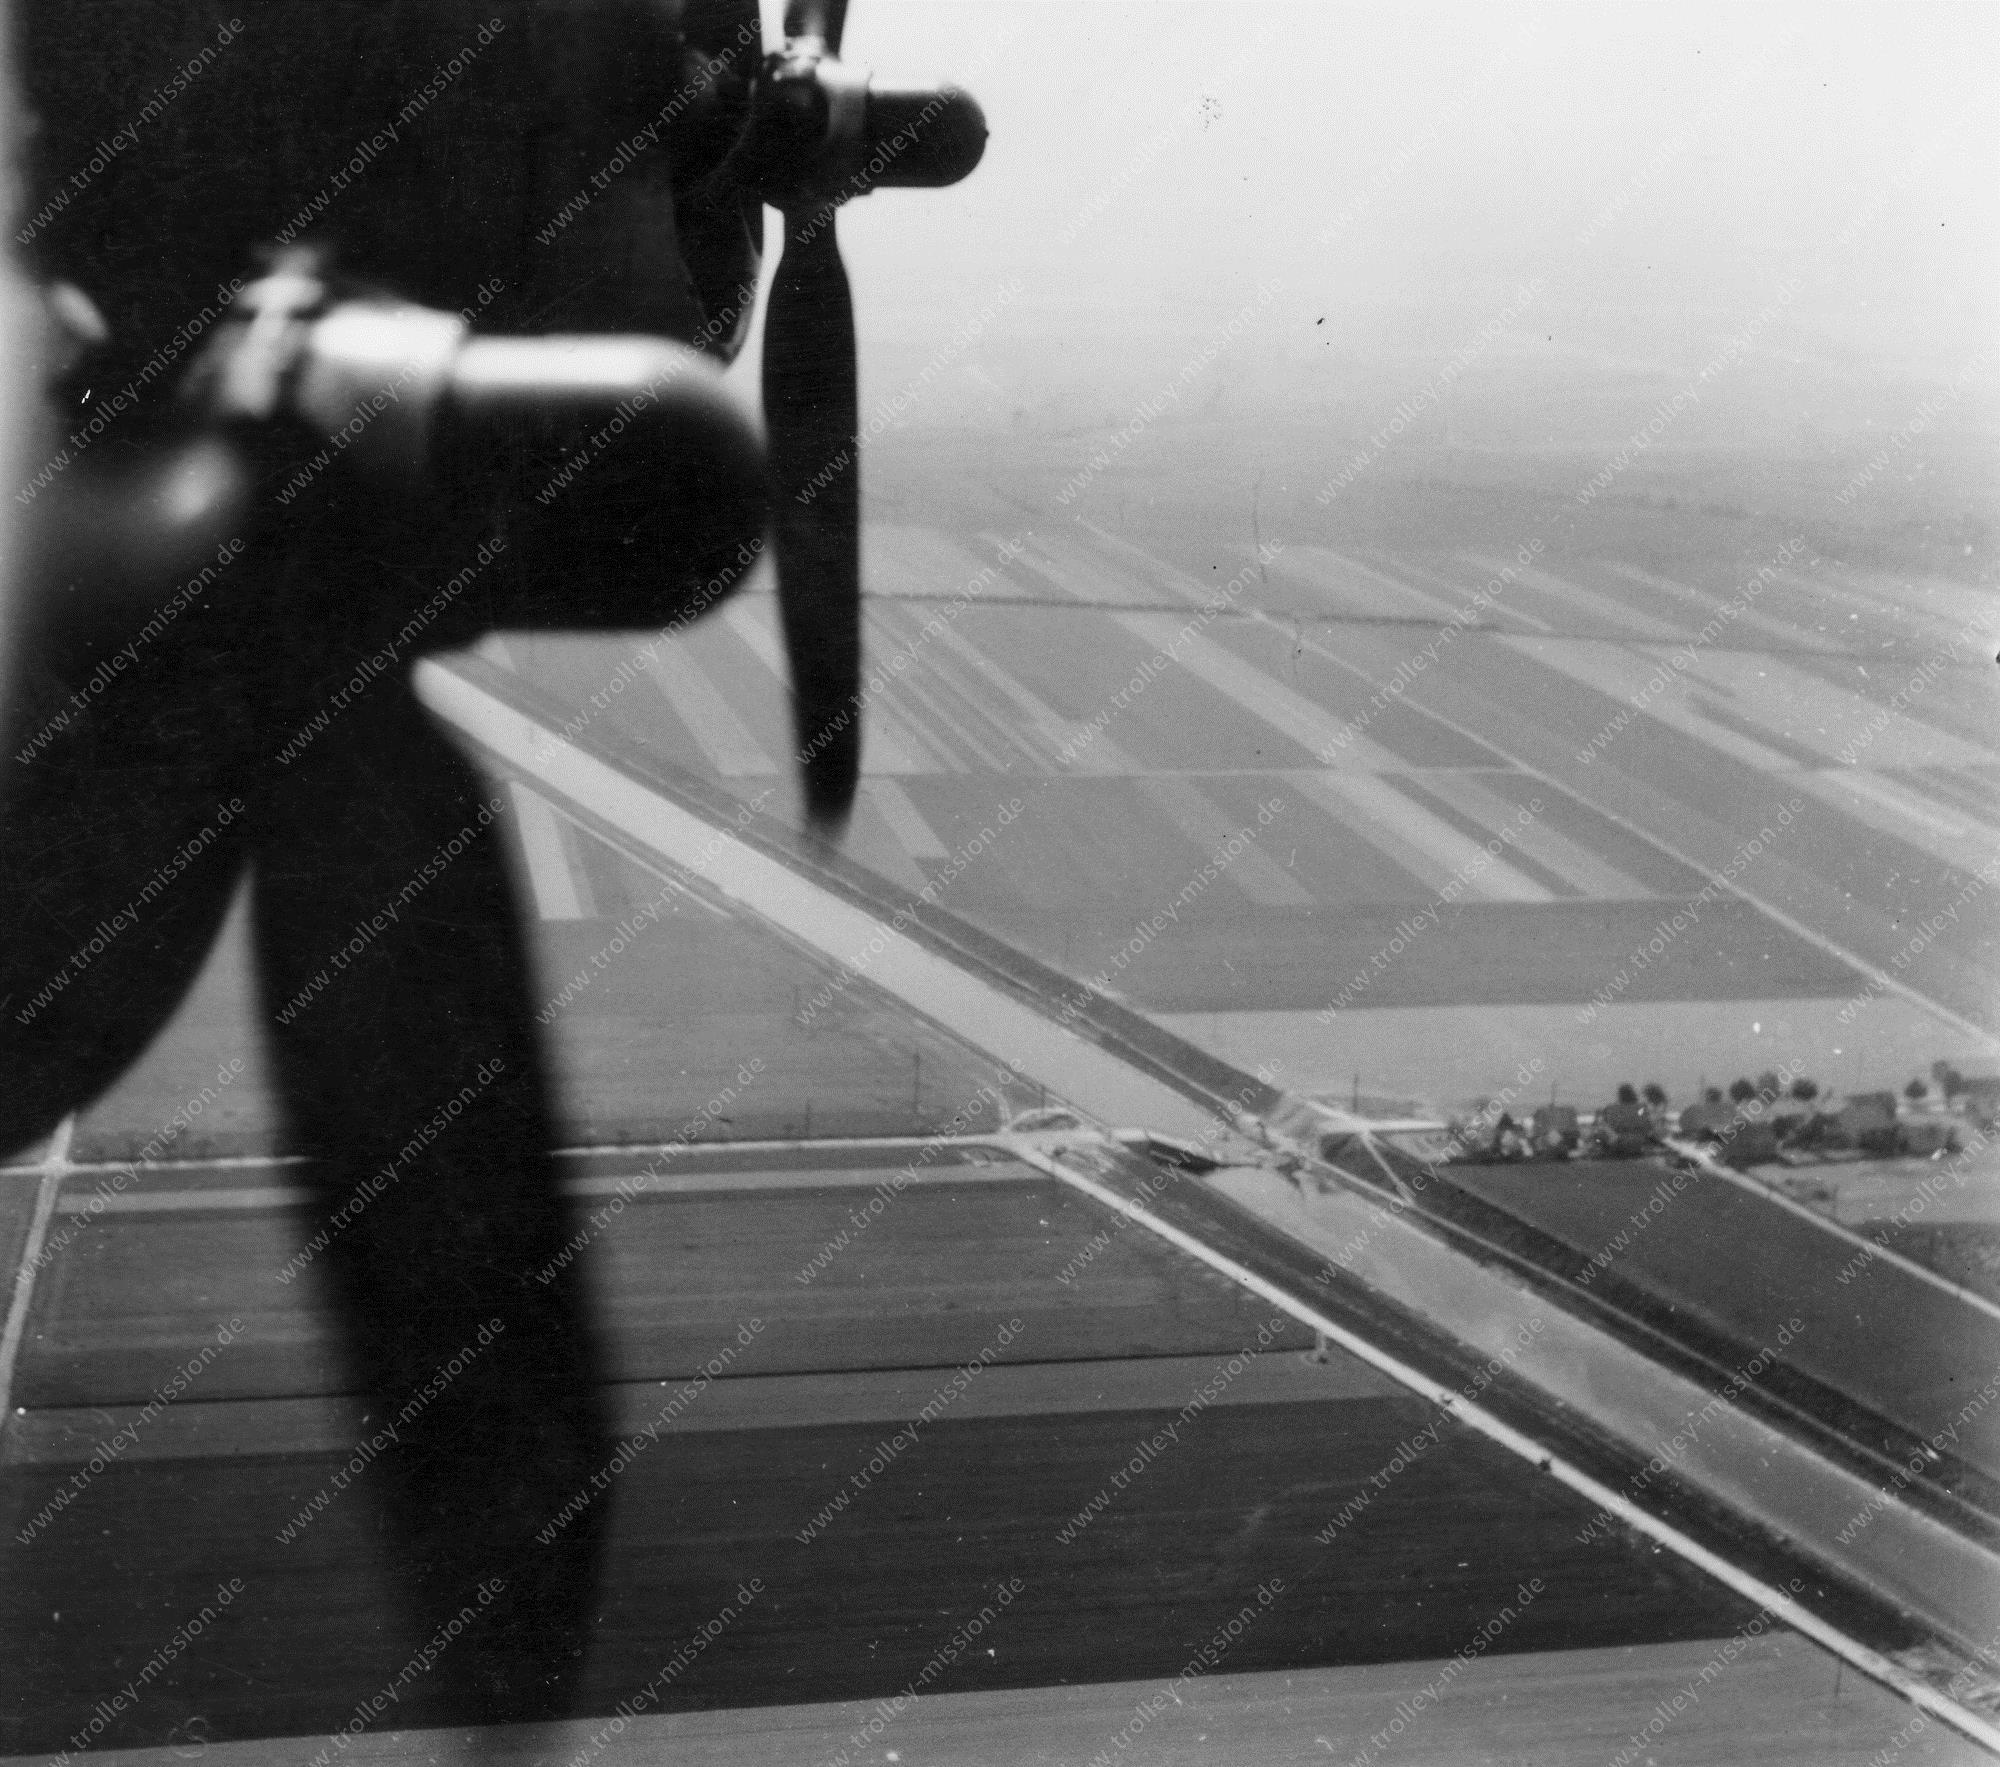 Unbekanntes Luftbild Luftschraube im Bild, unten vermutlich holländische Brücke